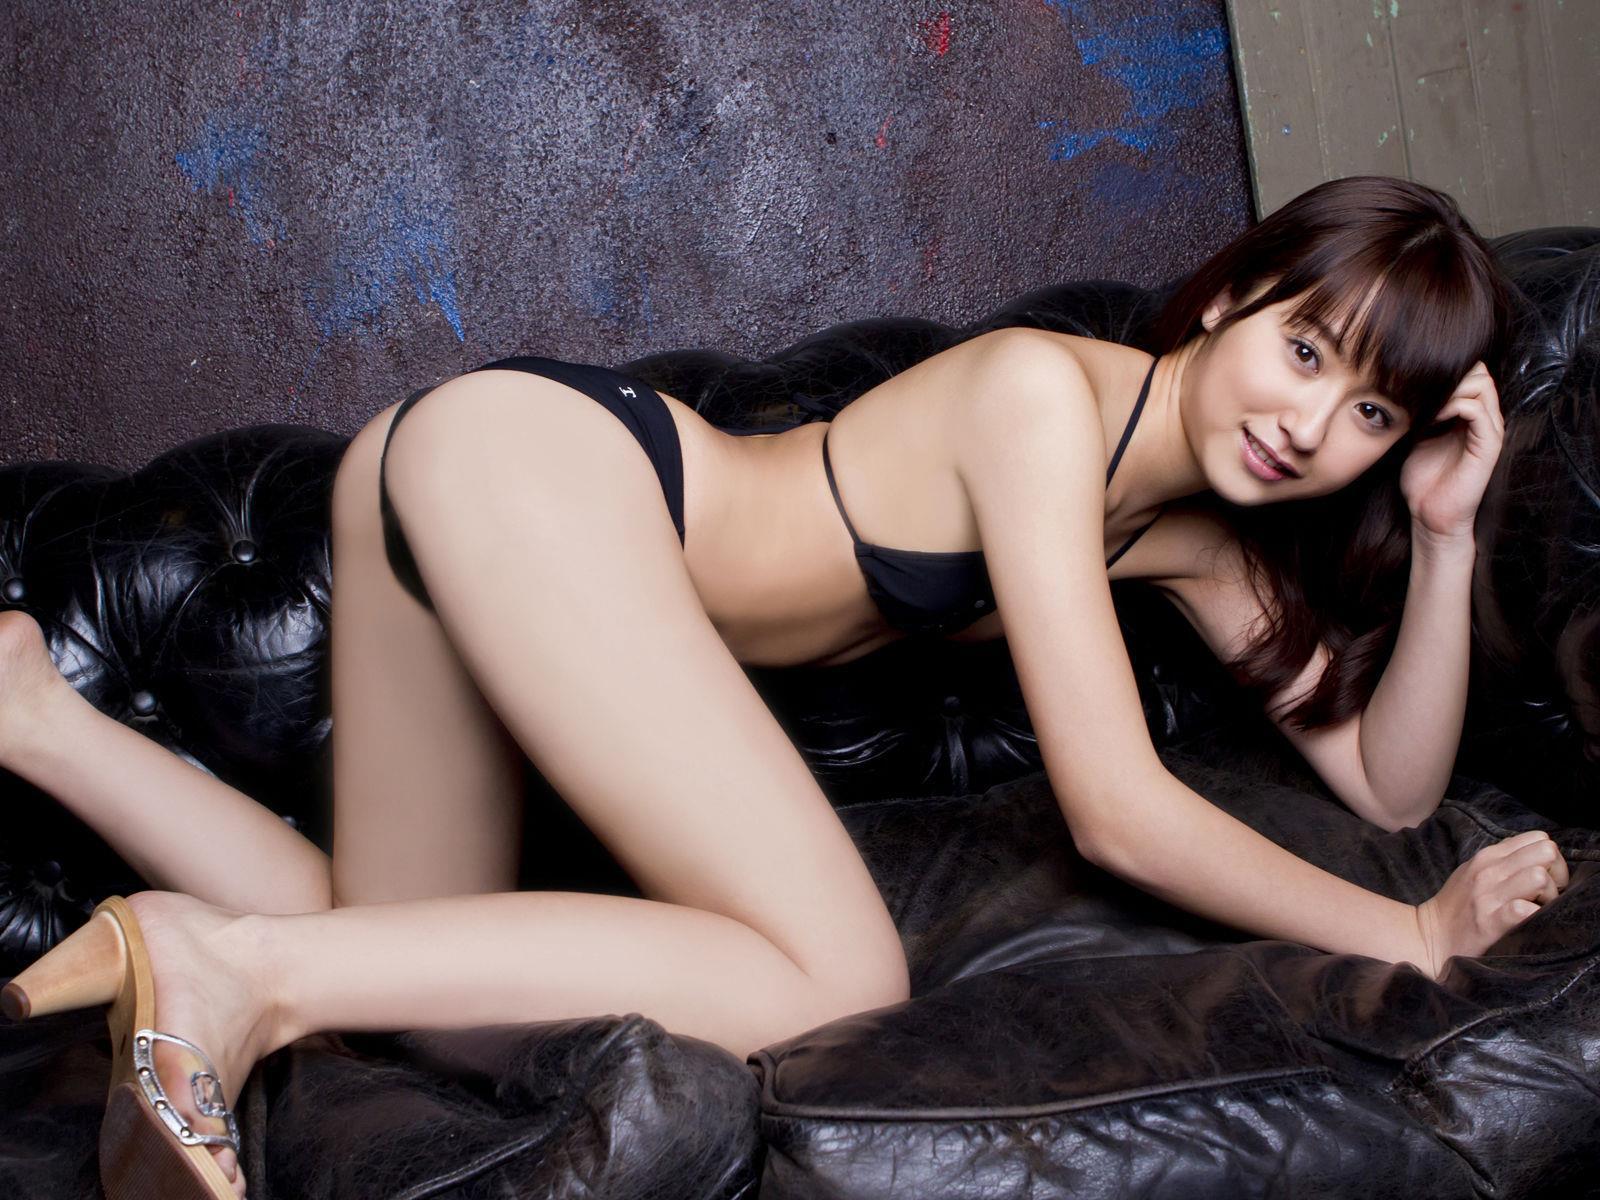 衛藤美彩 過激水着のグラビア画像 23